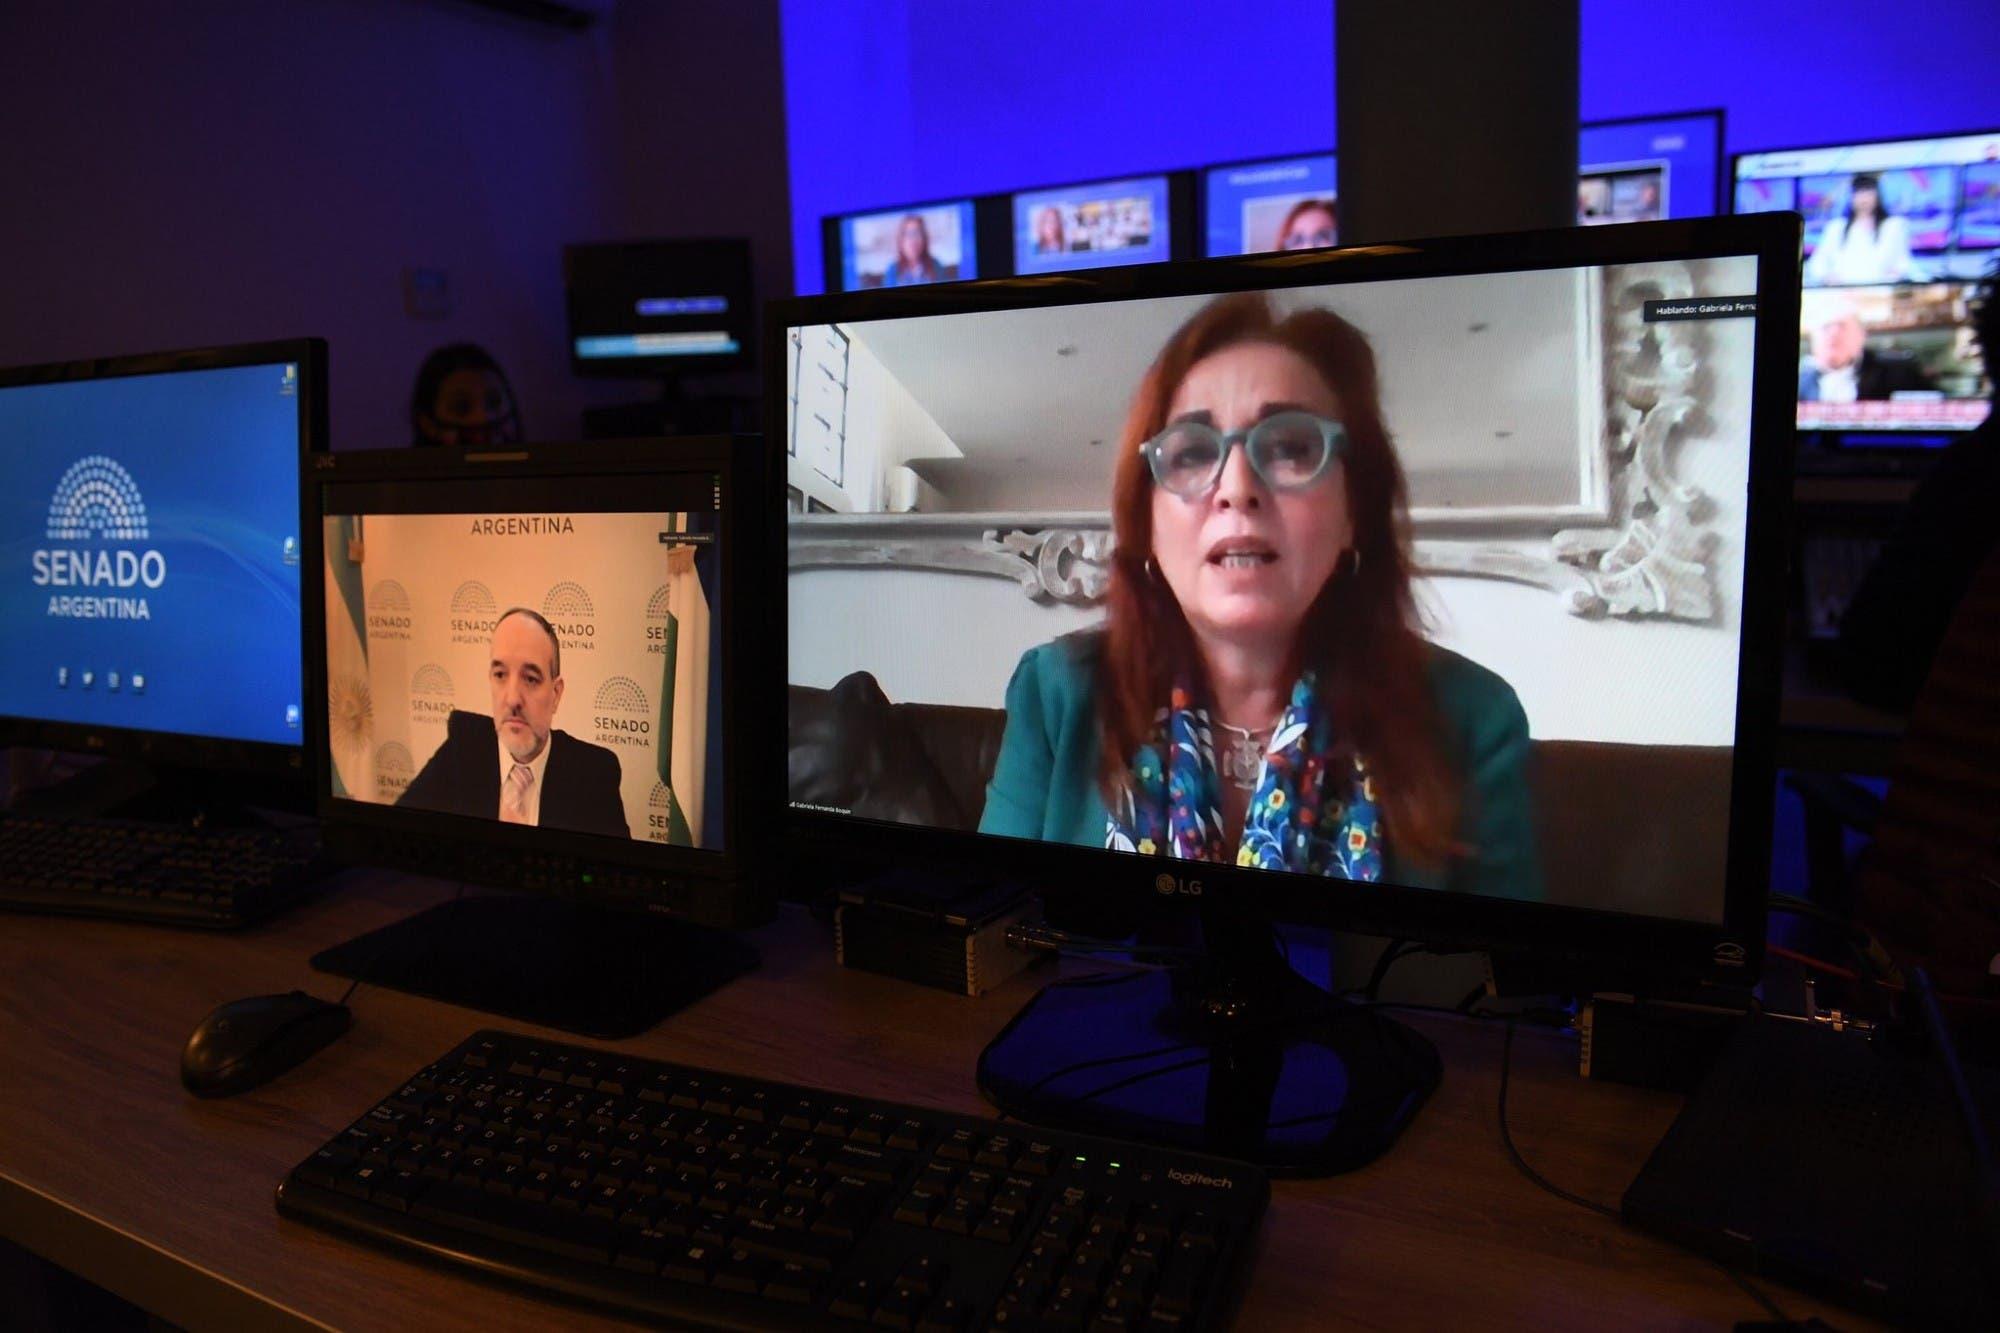 Duelo verbal con la oposición: la fiscal Gabriela Boquín acusó al procurador Eduardo Casal de perseguirla